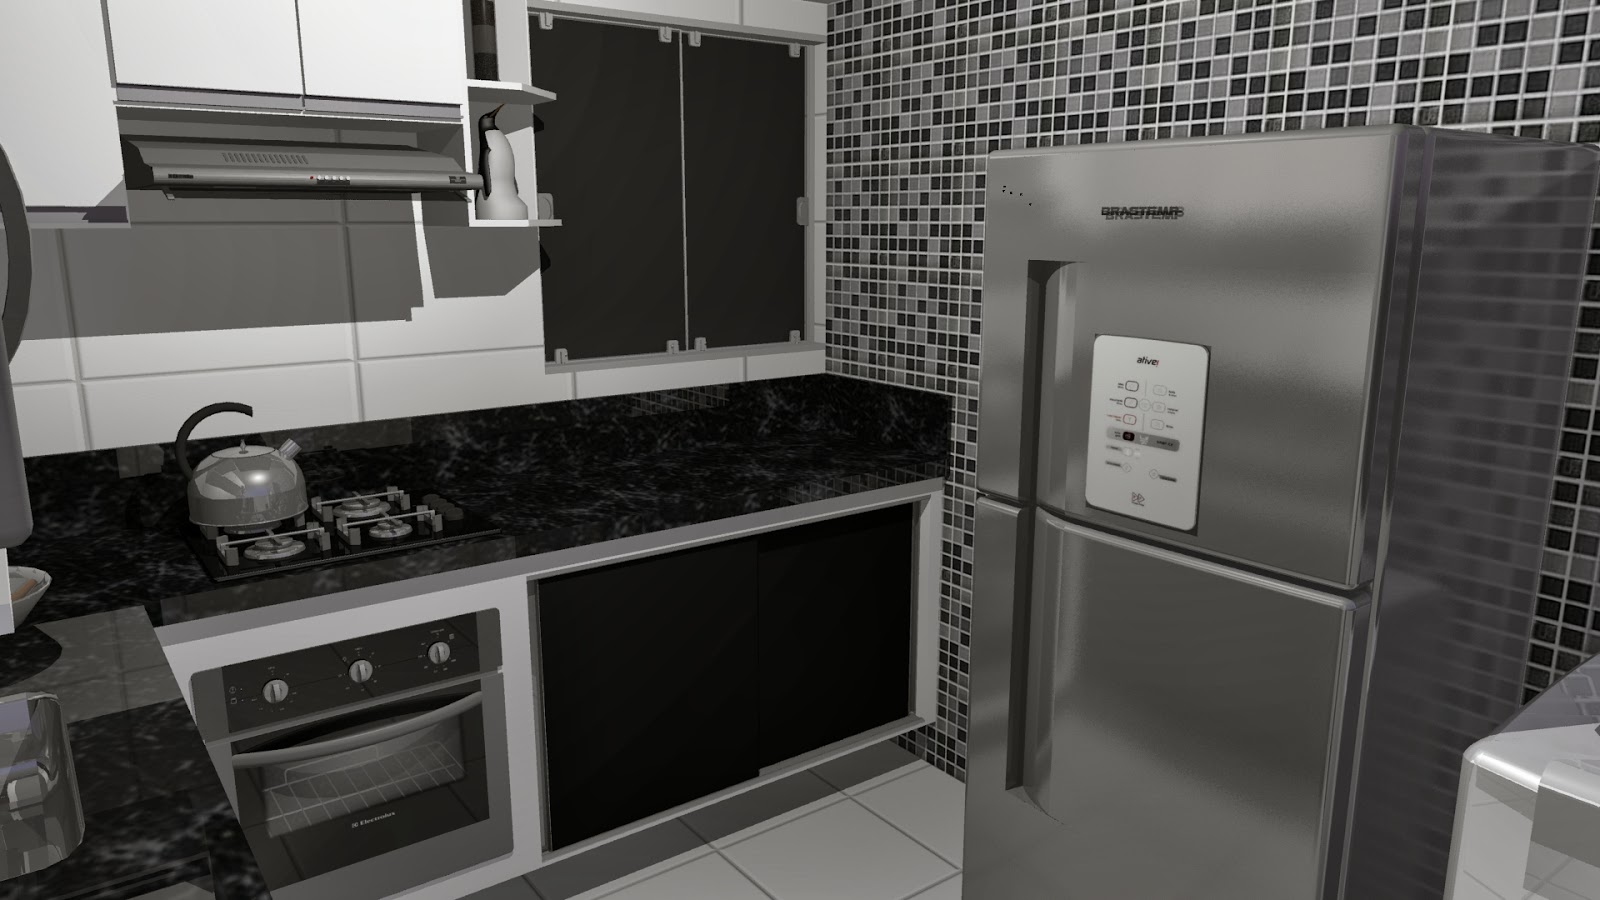 #2C2B29  Campi Designer de interiores: Projeto Cozinha tipo Americana 1600x900 px Projeto De Armario Embutido Para Cozinha #2741 imagens